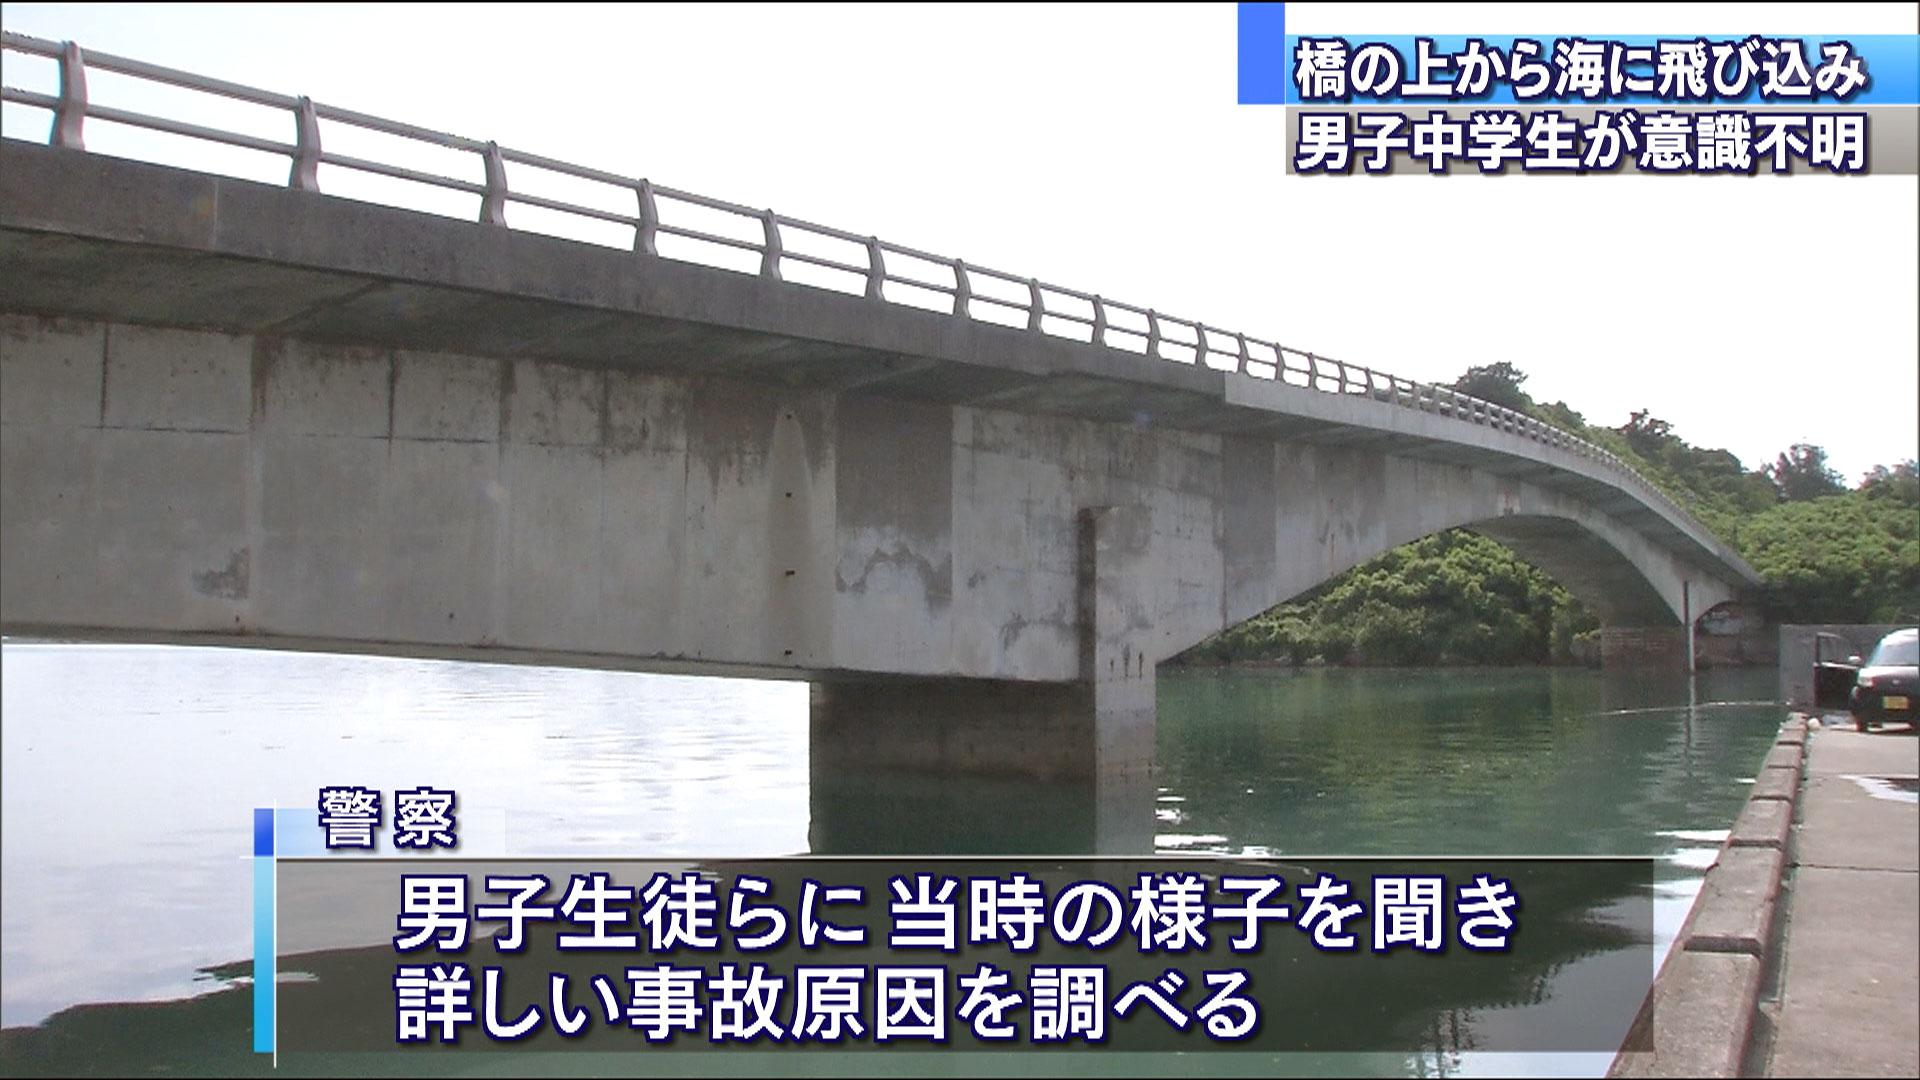 うるま市で水難事故 男子中学生が心肺停止